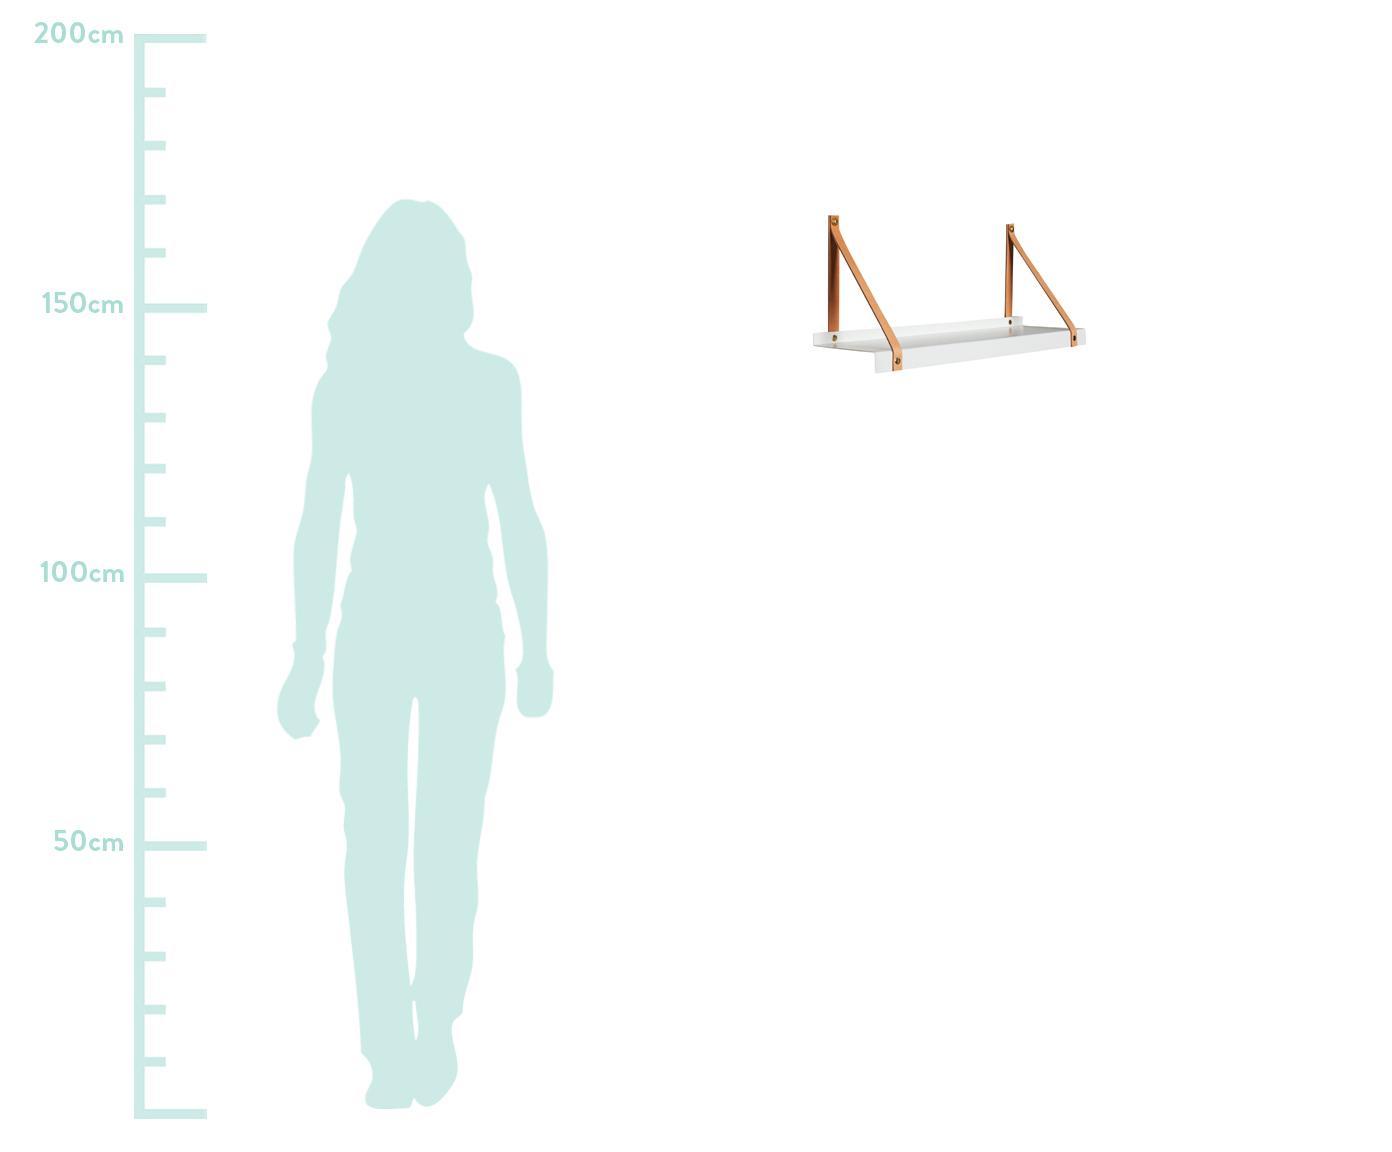 Metall-Wandregal Shelfie mit Lederriemen, Regalbrett: Metall, pulverbeschichtet, Riemen: Leder, Weiß, Braun, 50 x 23 cm